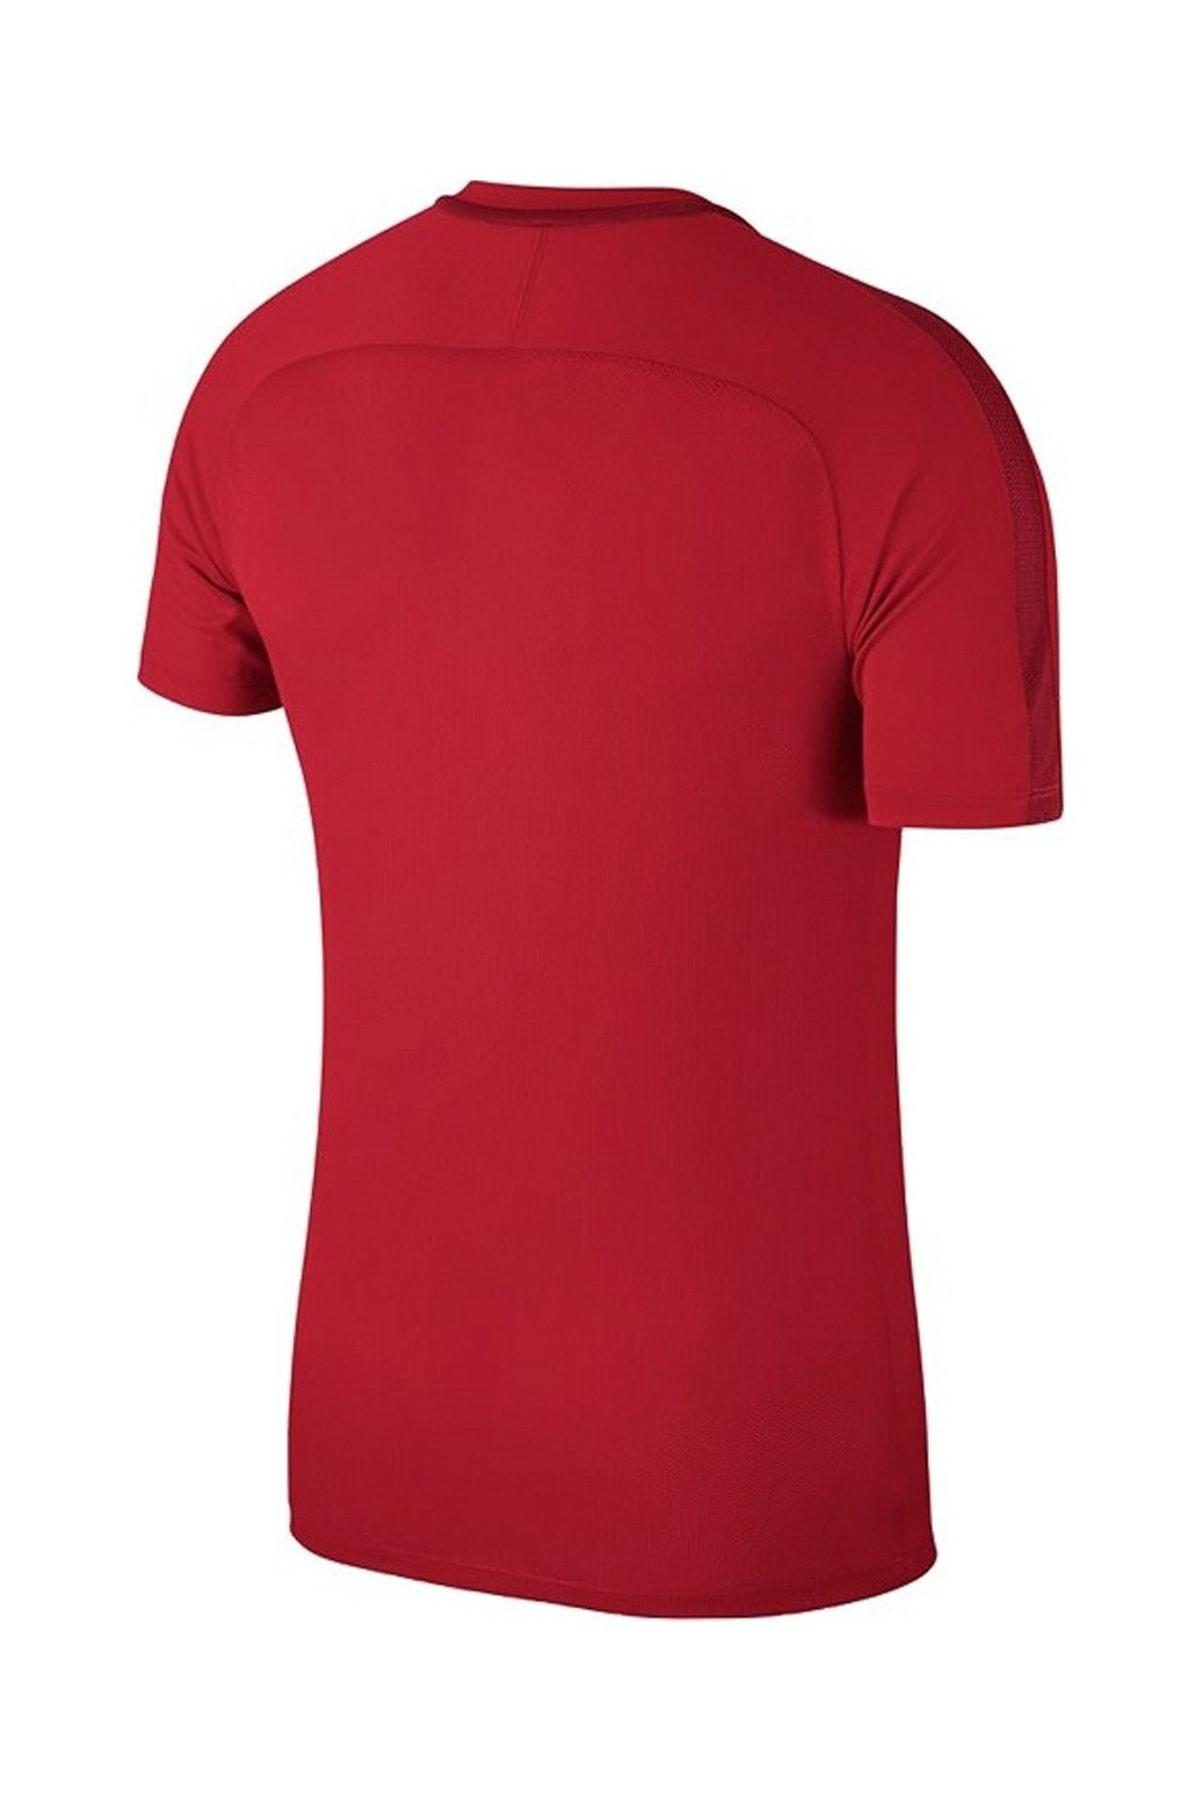 Nike Kids Kırmızı Çocuk Dry Academy 18 Top Spor Tişört 2